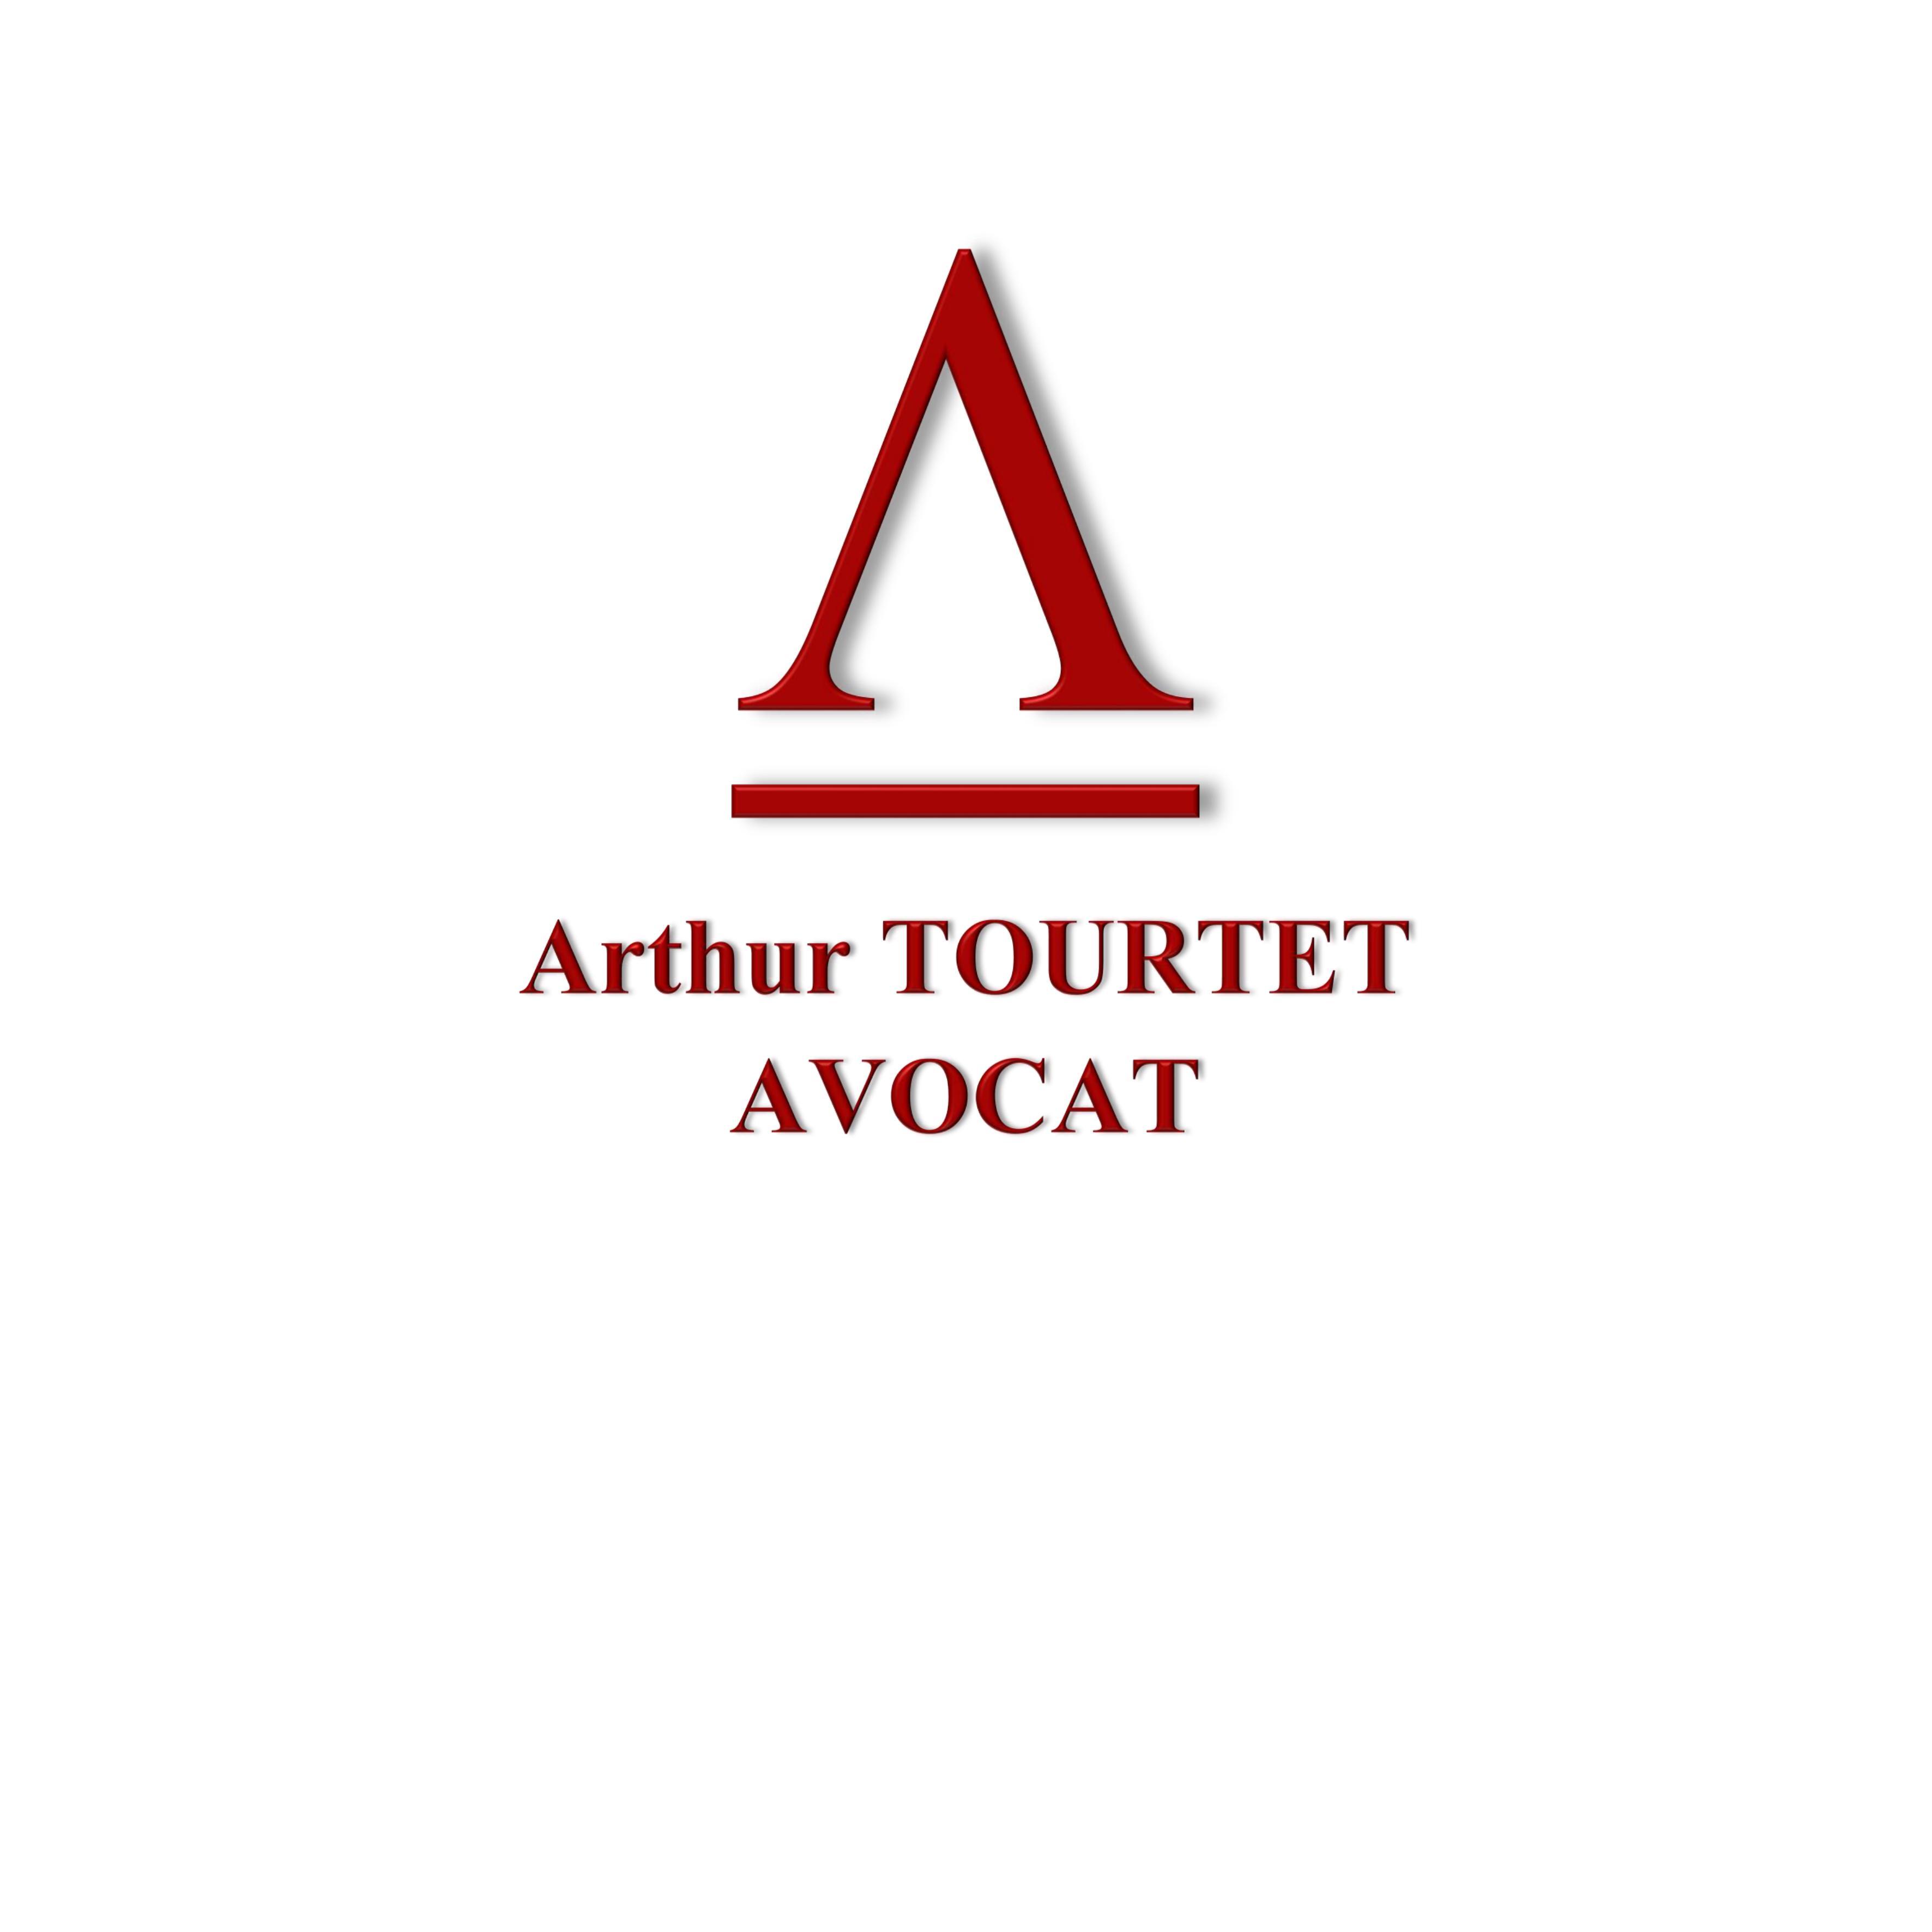 Constitue une faute grave le fait de ne pas détecter des anomalies sur un véhicule (Cour d'appel d'Amiens, 23 avril 2019, n° 17/05252).